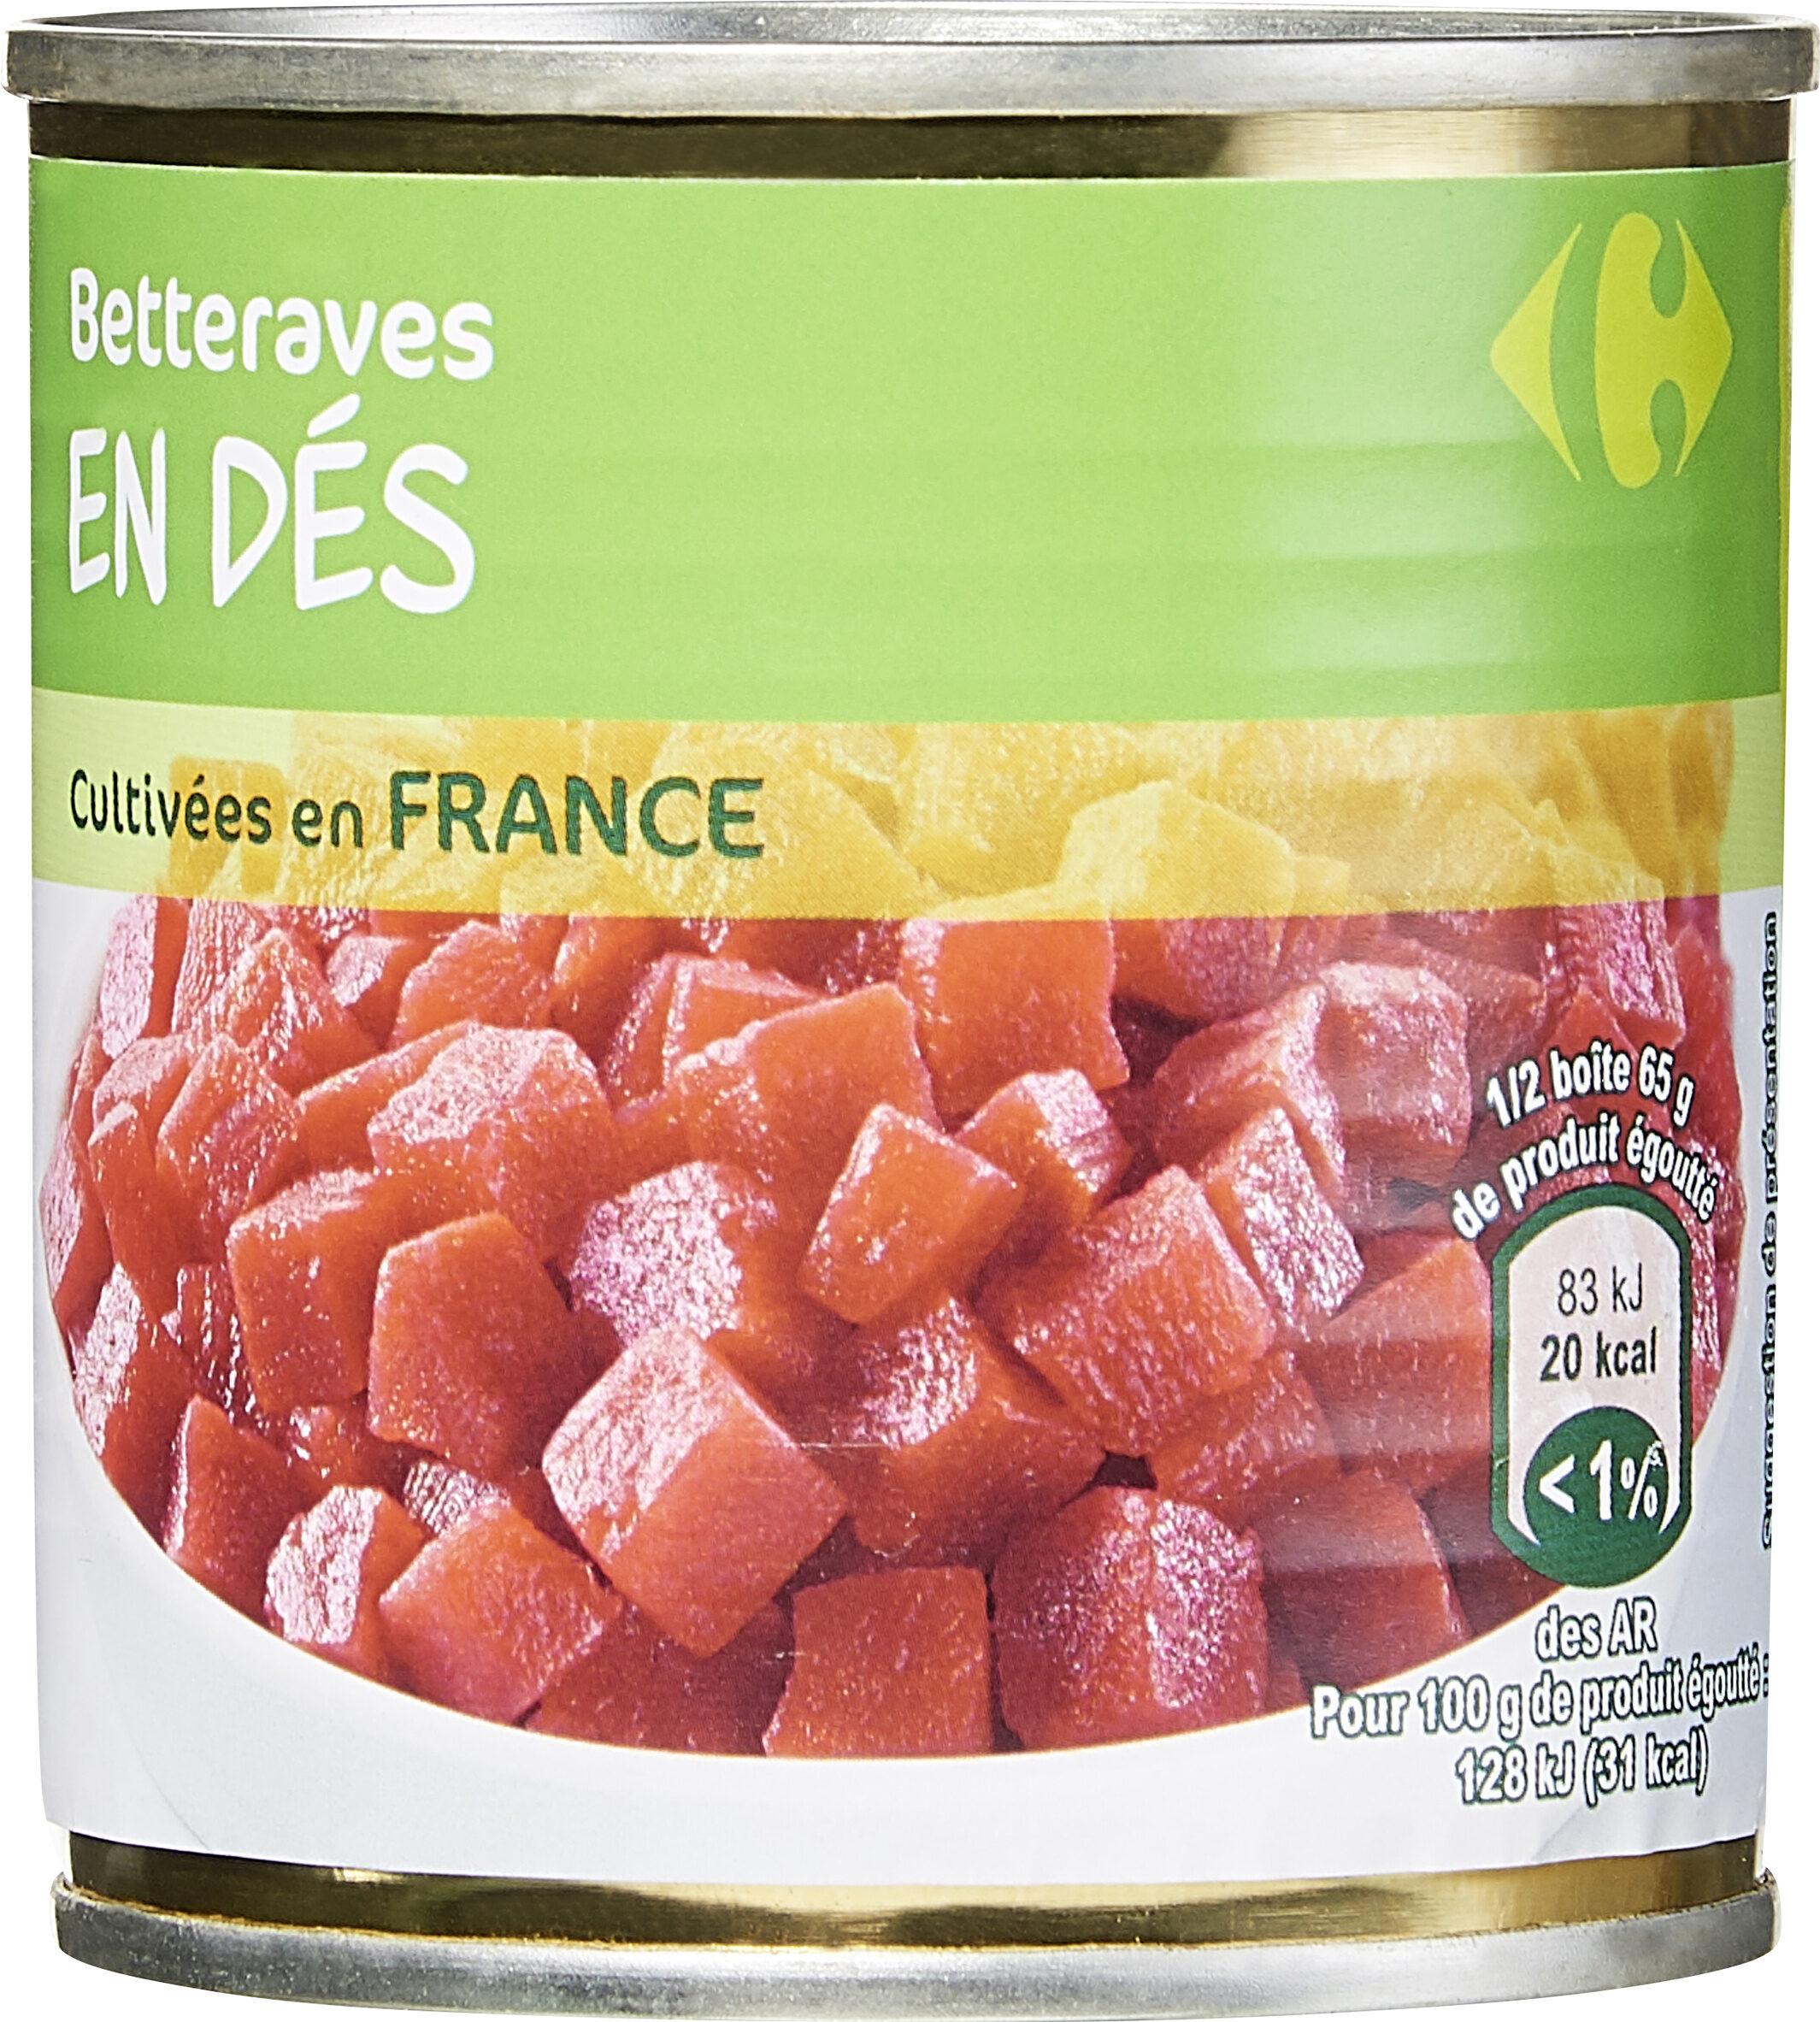 Betteraves rouges en dés - Produit - fr